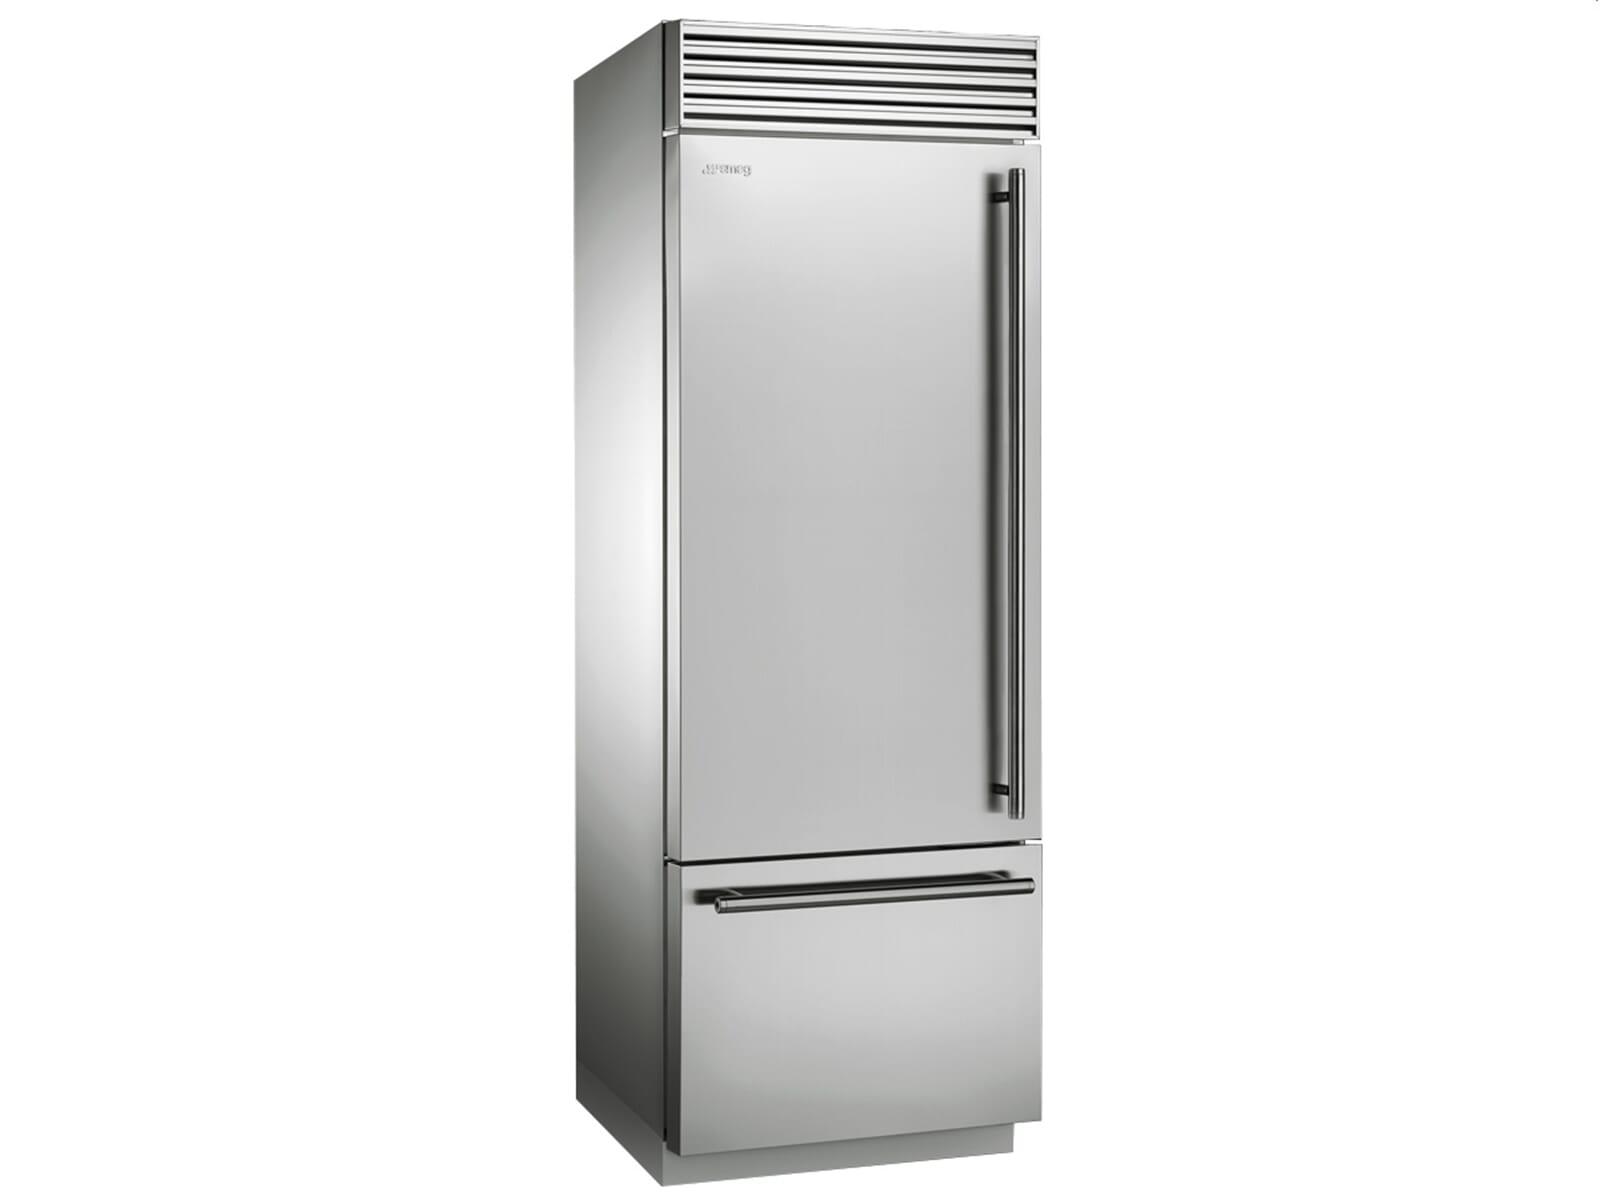 Smeg Kühlschrank Gefrierkombination : Kühl gefrierkombination günstig kaufen gorenje onrk193c l